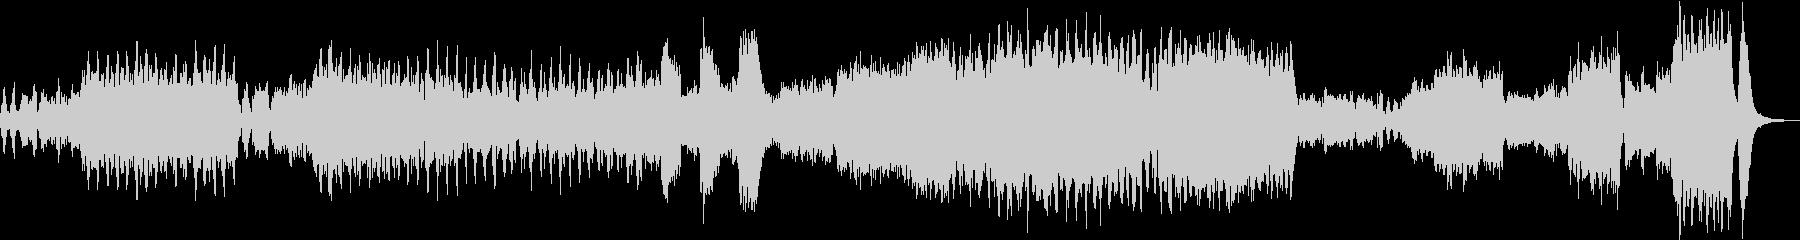 コダーイ・ゾルターンのカバー曲の未再生の波形